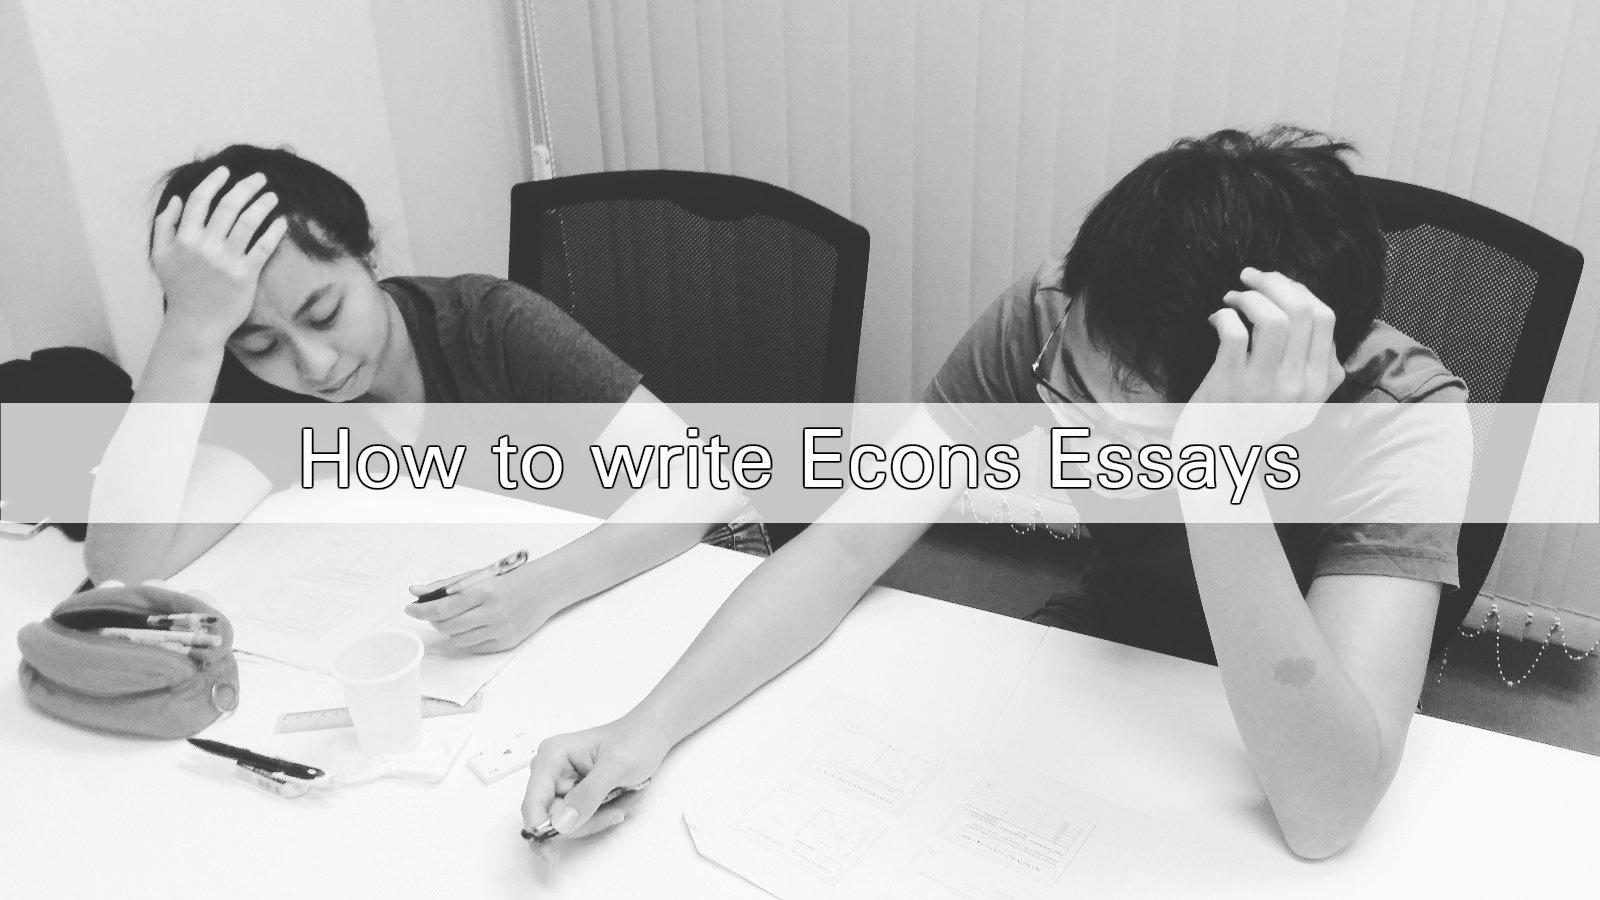 how-to-write-econs-essays